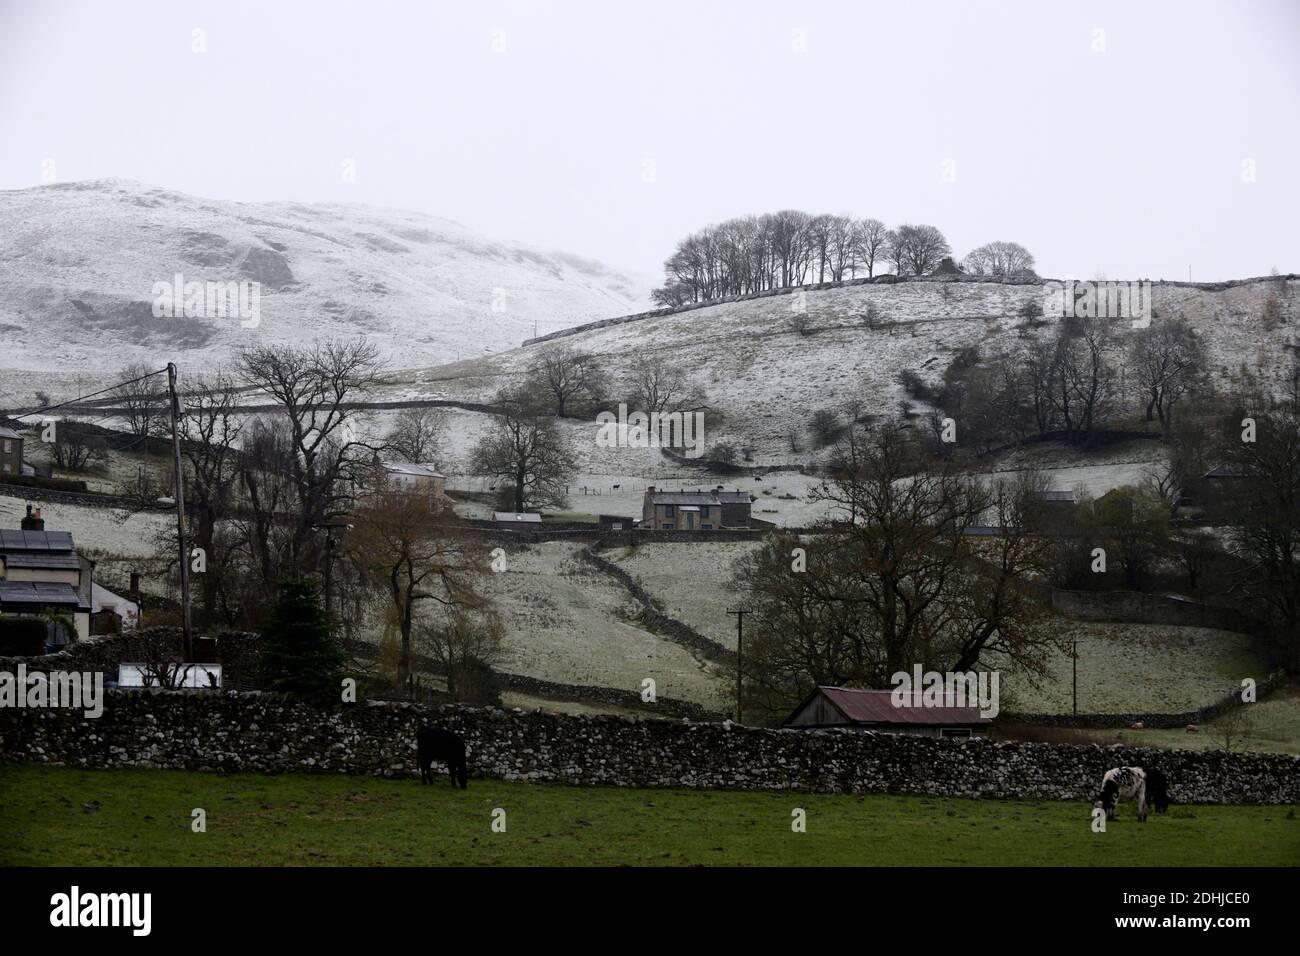 Nella foto è raffigurata una scena innevata nelle Yorkshire Dales sopra Settle. Meteo neve neve neve neve neve neve inverno nevicata Foto Stock